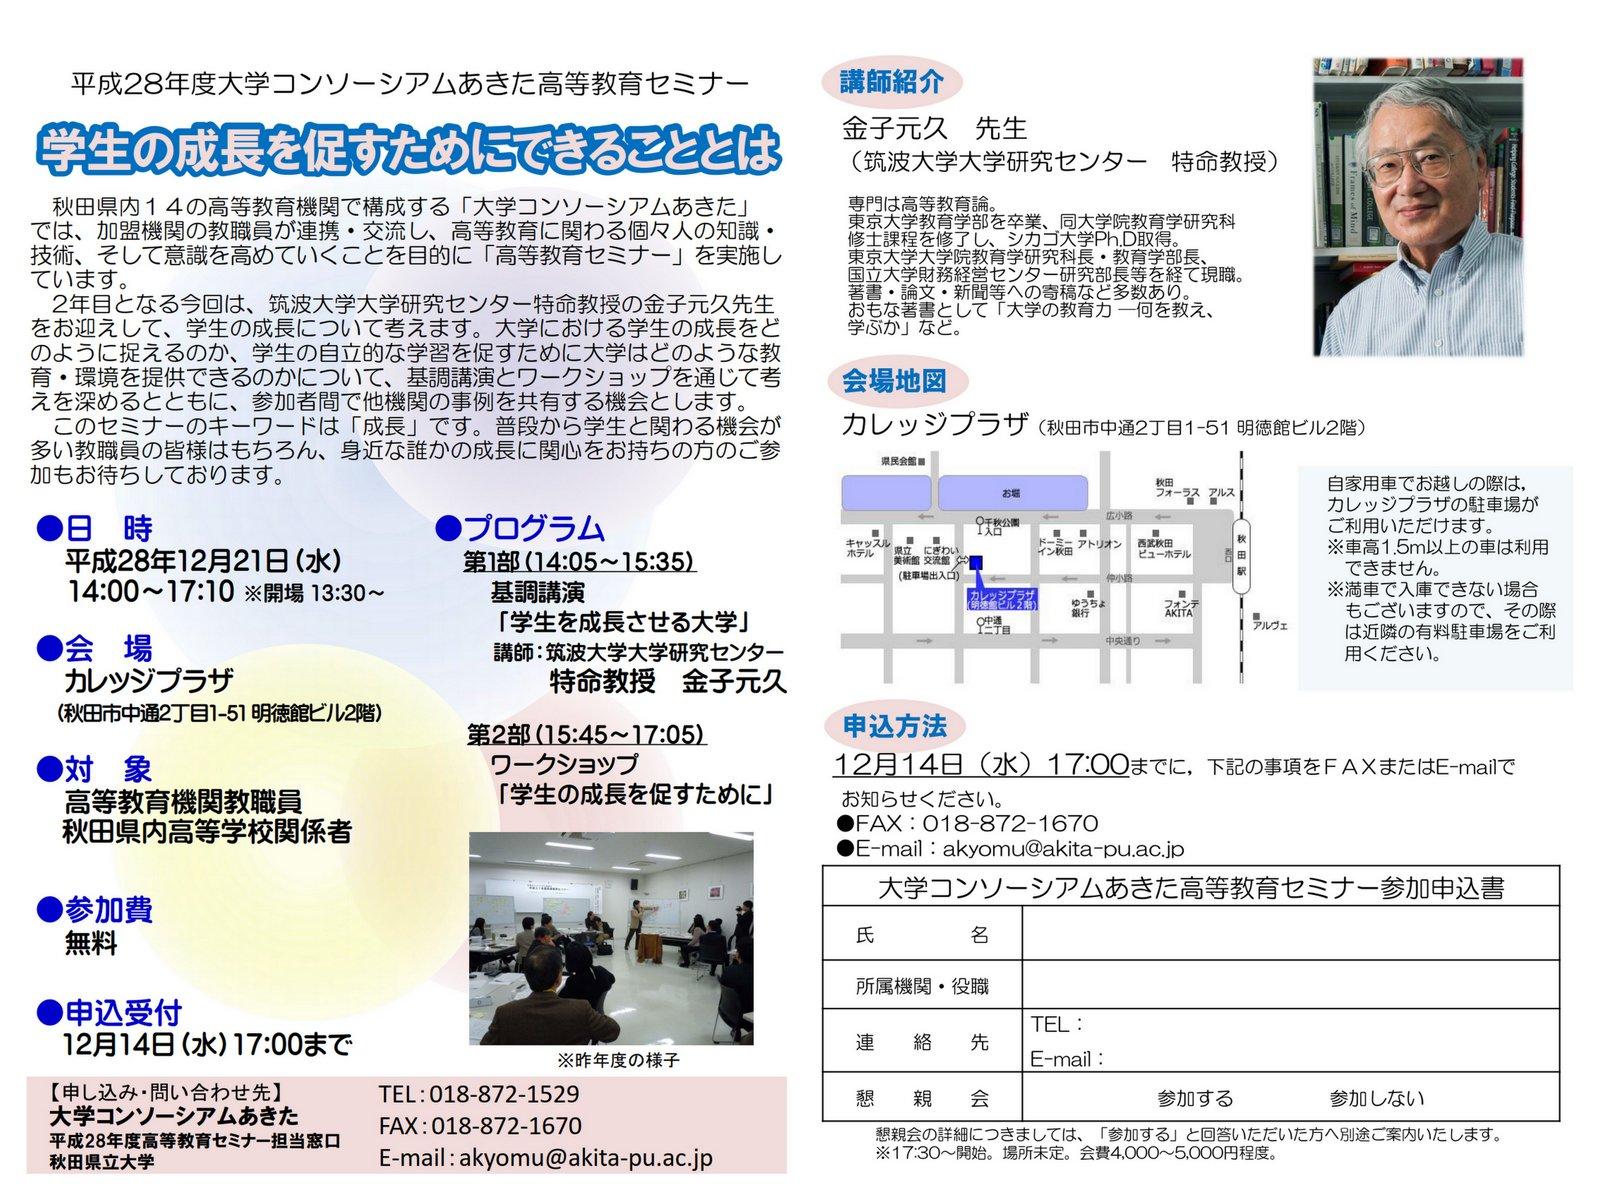 秋田 県立 大学 メール